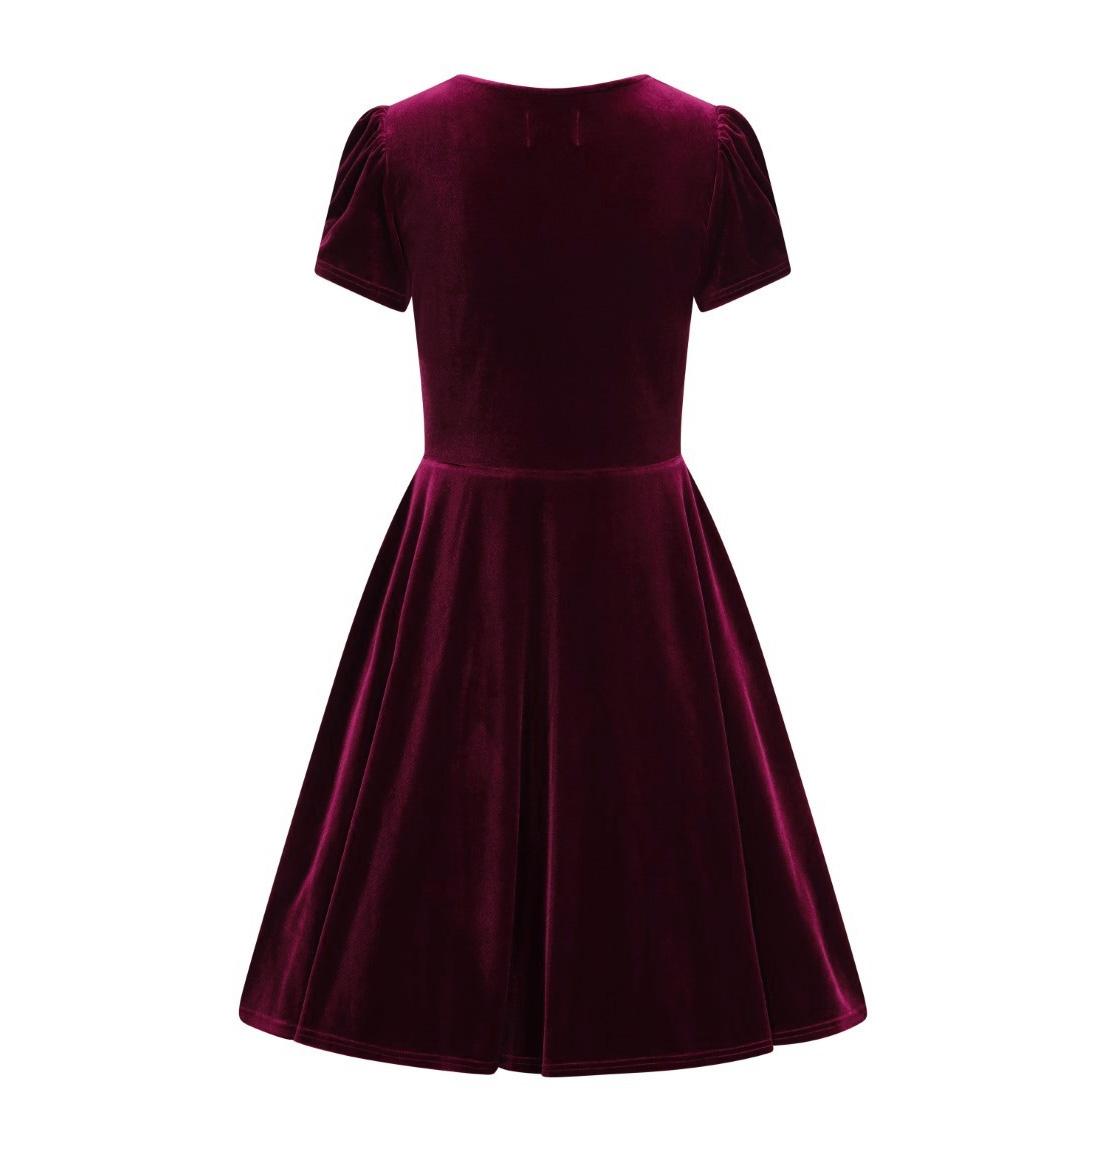 Hell-Bunny-40s-50s-Elegant-Pin-Up-Dress-JOANNE-Crushed-Velvet-Burgundy-All-Sizes thumbnail 37